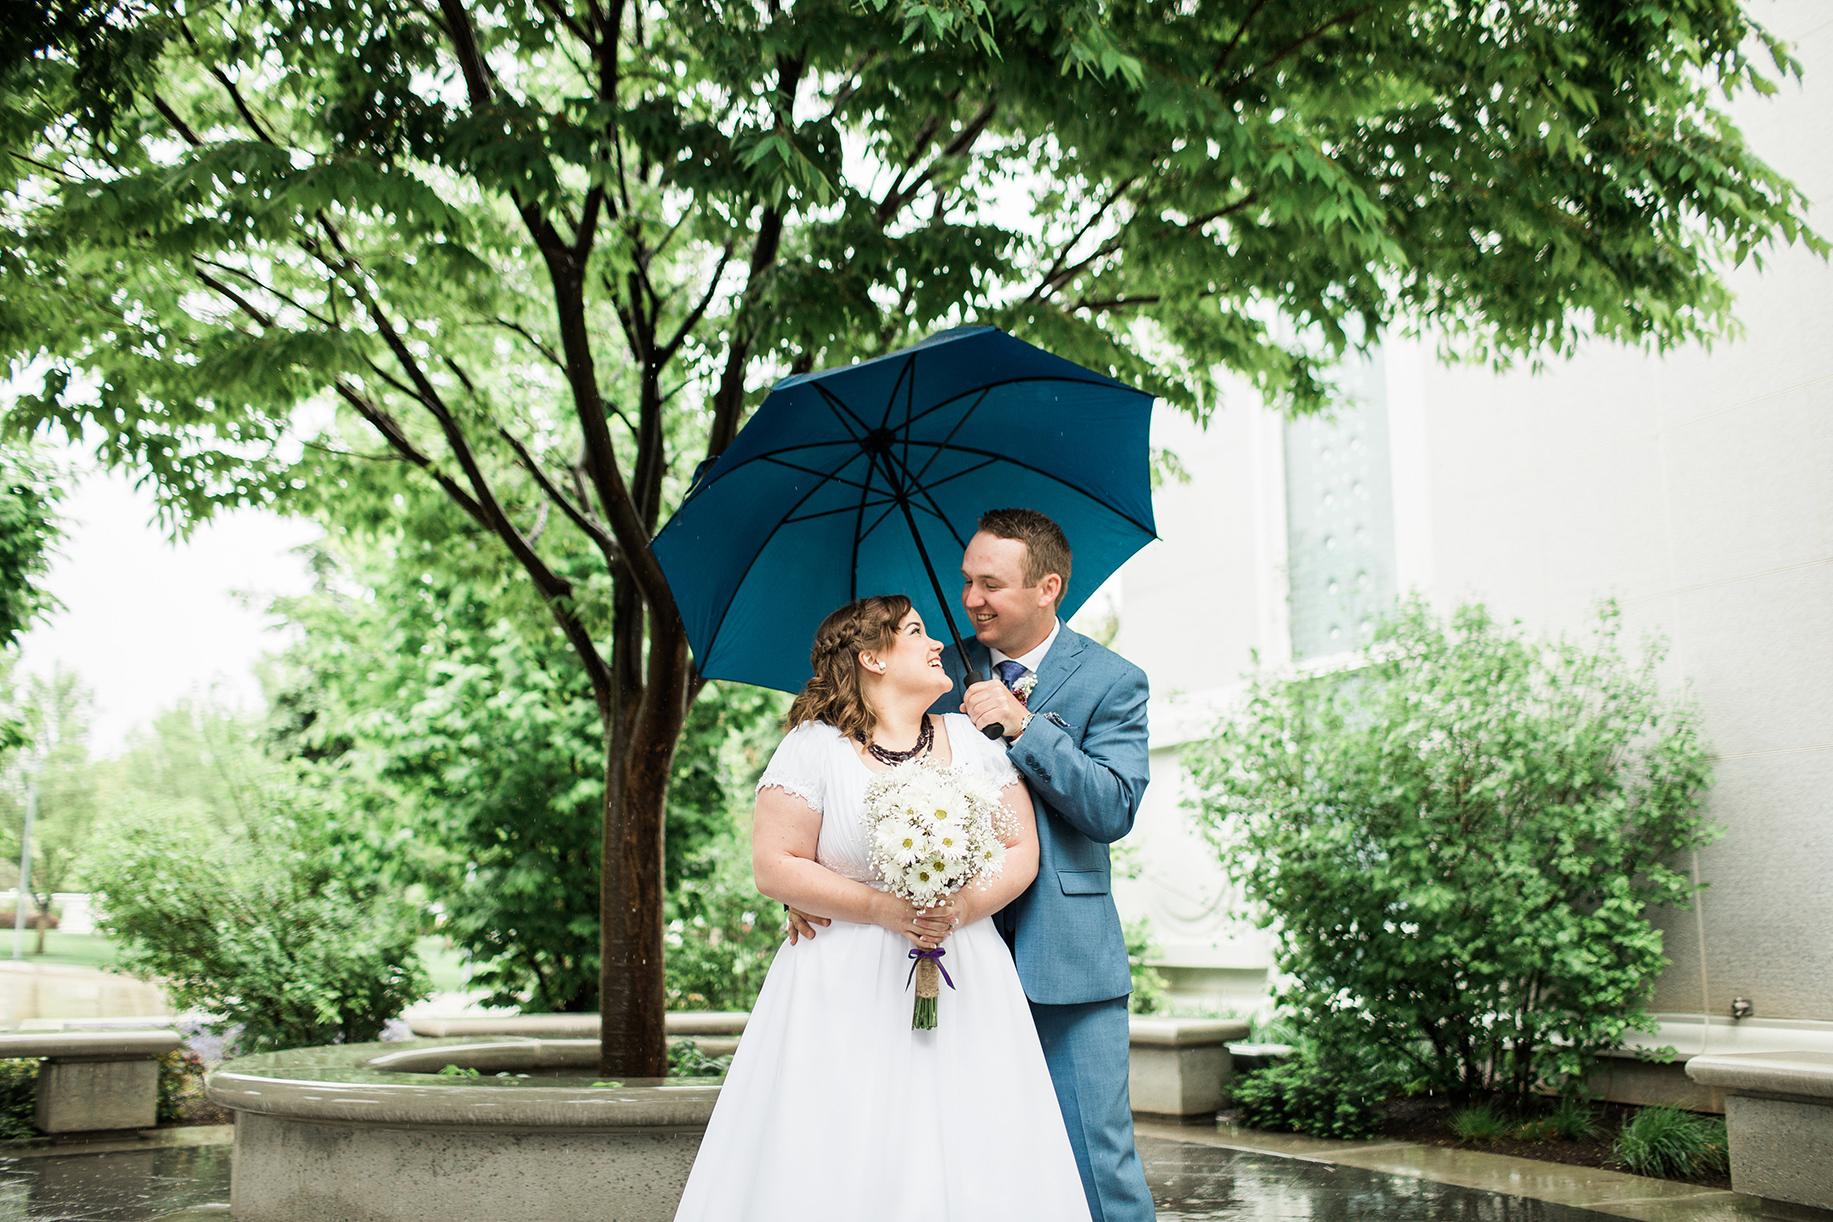 Austill Wedding May 11 2018-print-0025.jpg